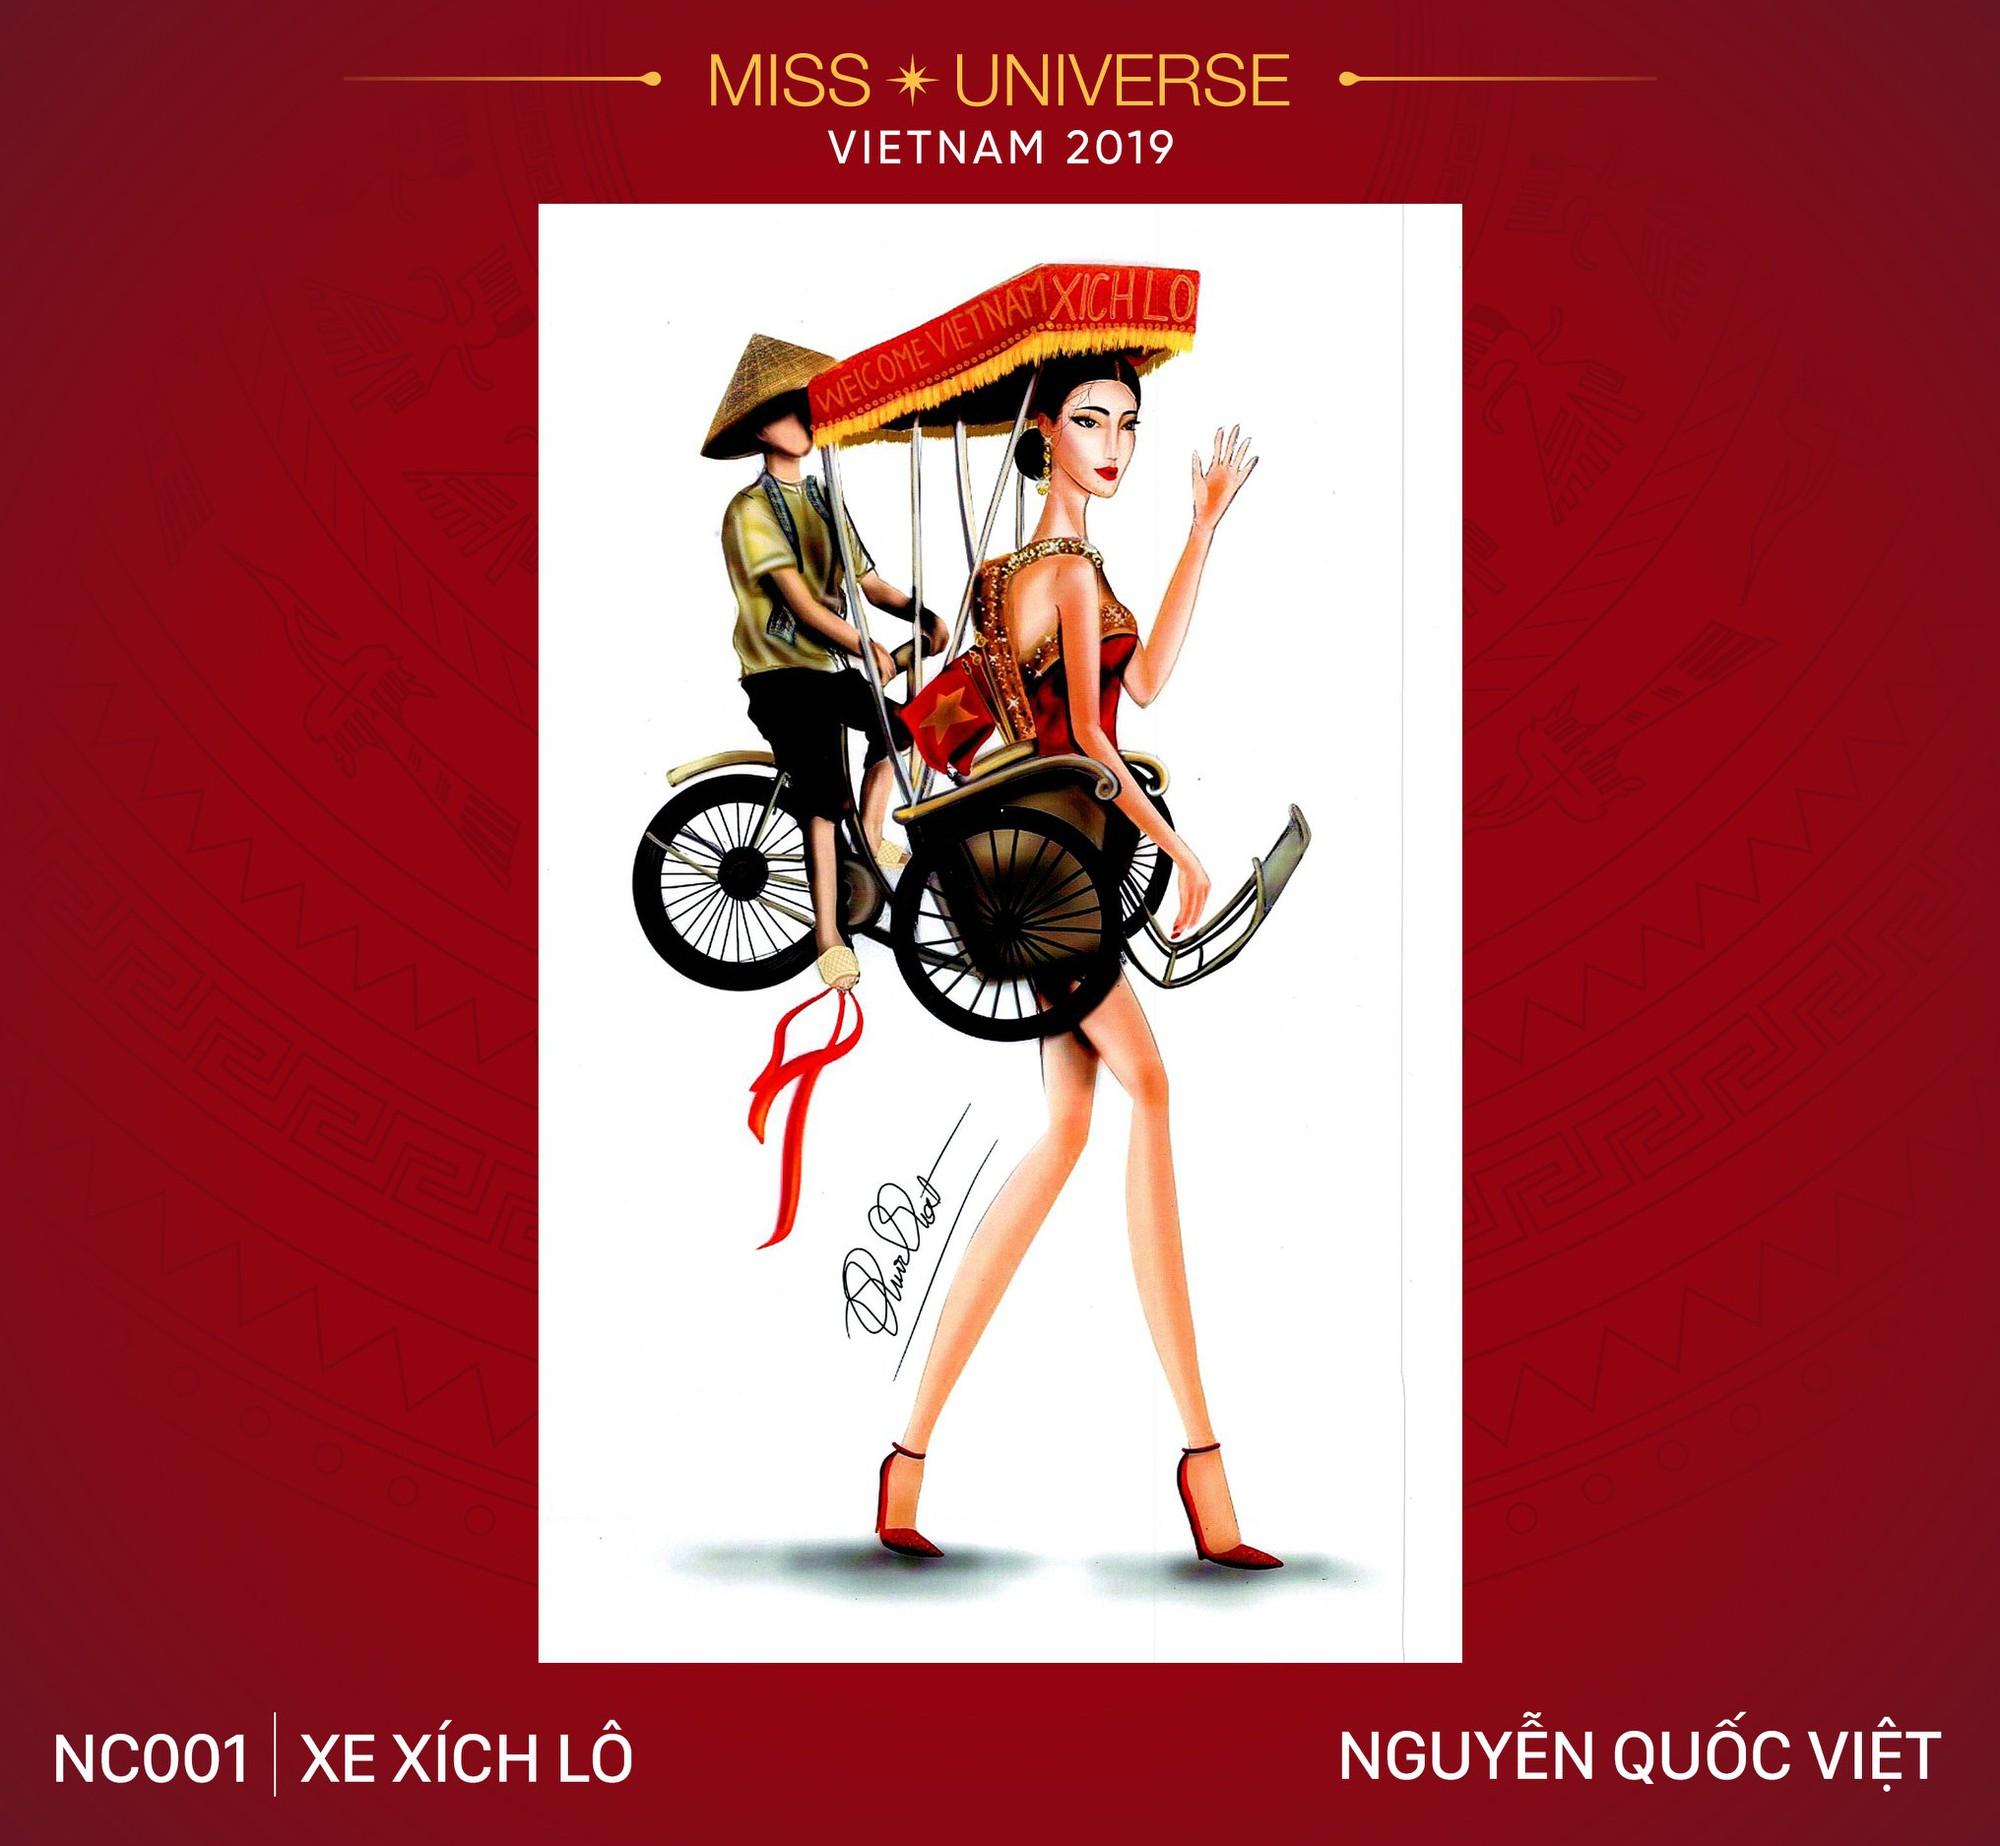 15 ý tưởng táo bạo dễ khiến Hoàng Thùy lọt Top tại Miss Universe 2019 - Ảnh 2.